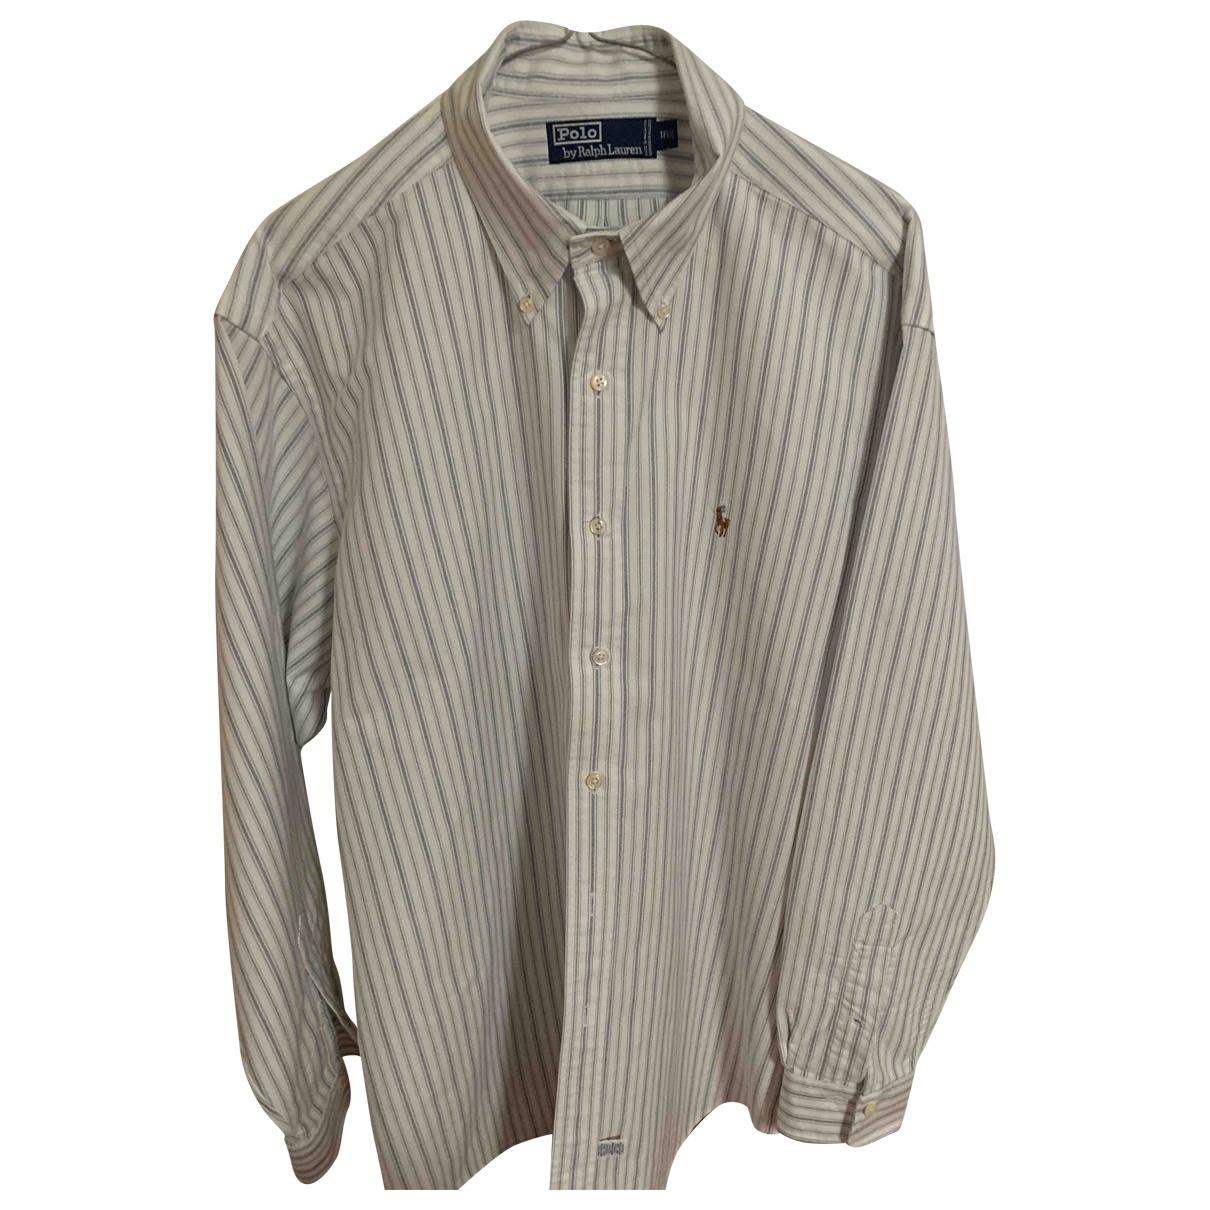 Polo Ralph Lauren \N Cotton Shirts for Men 16.5 UK - US (tour de cou / collar)